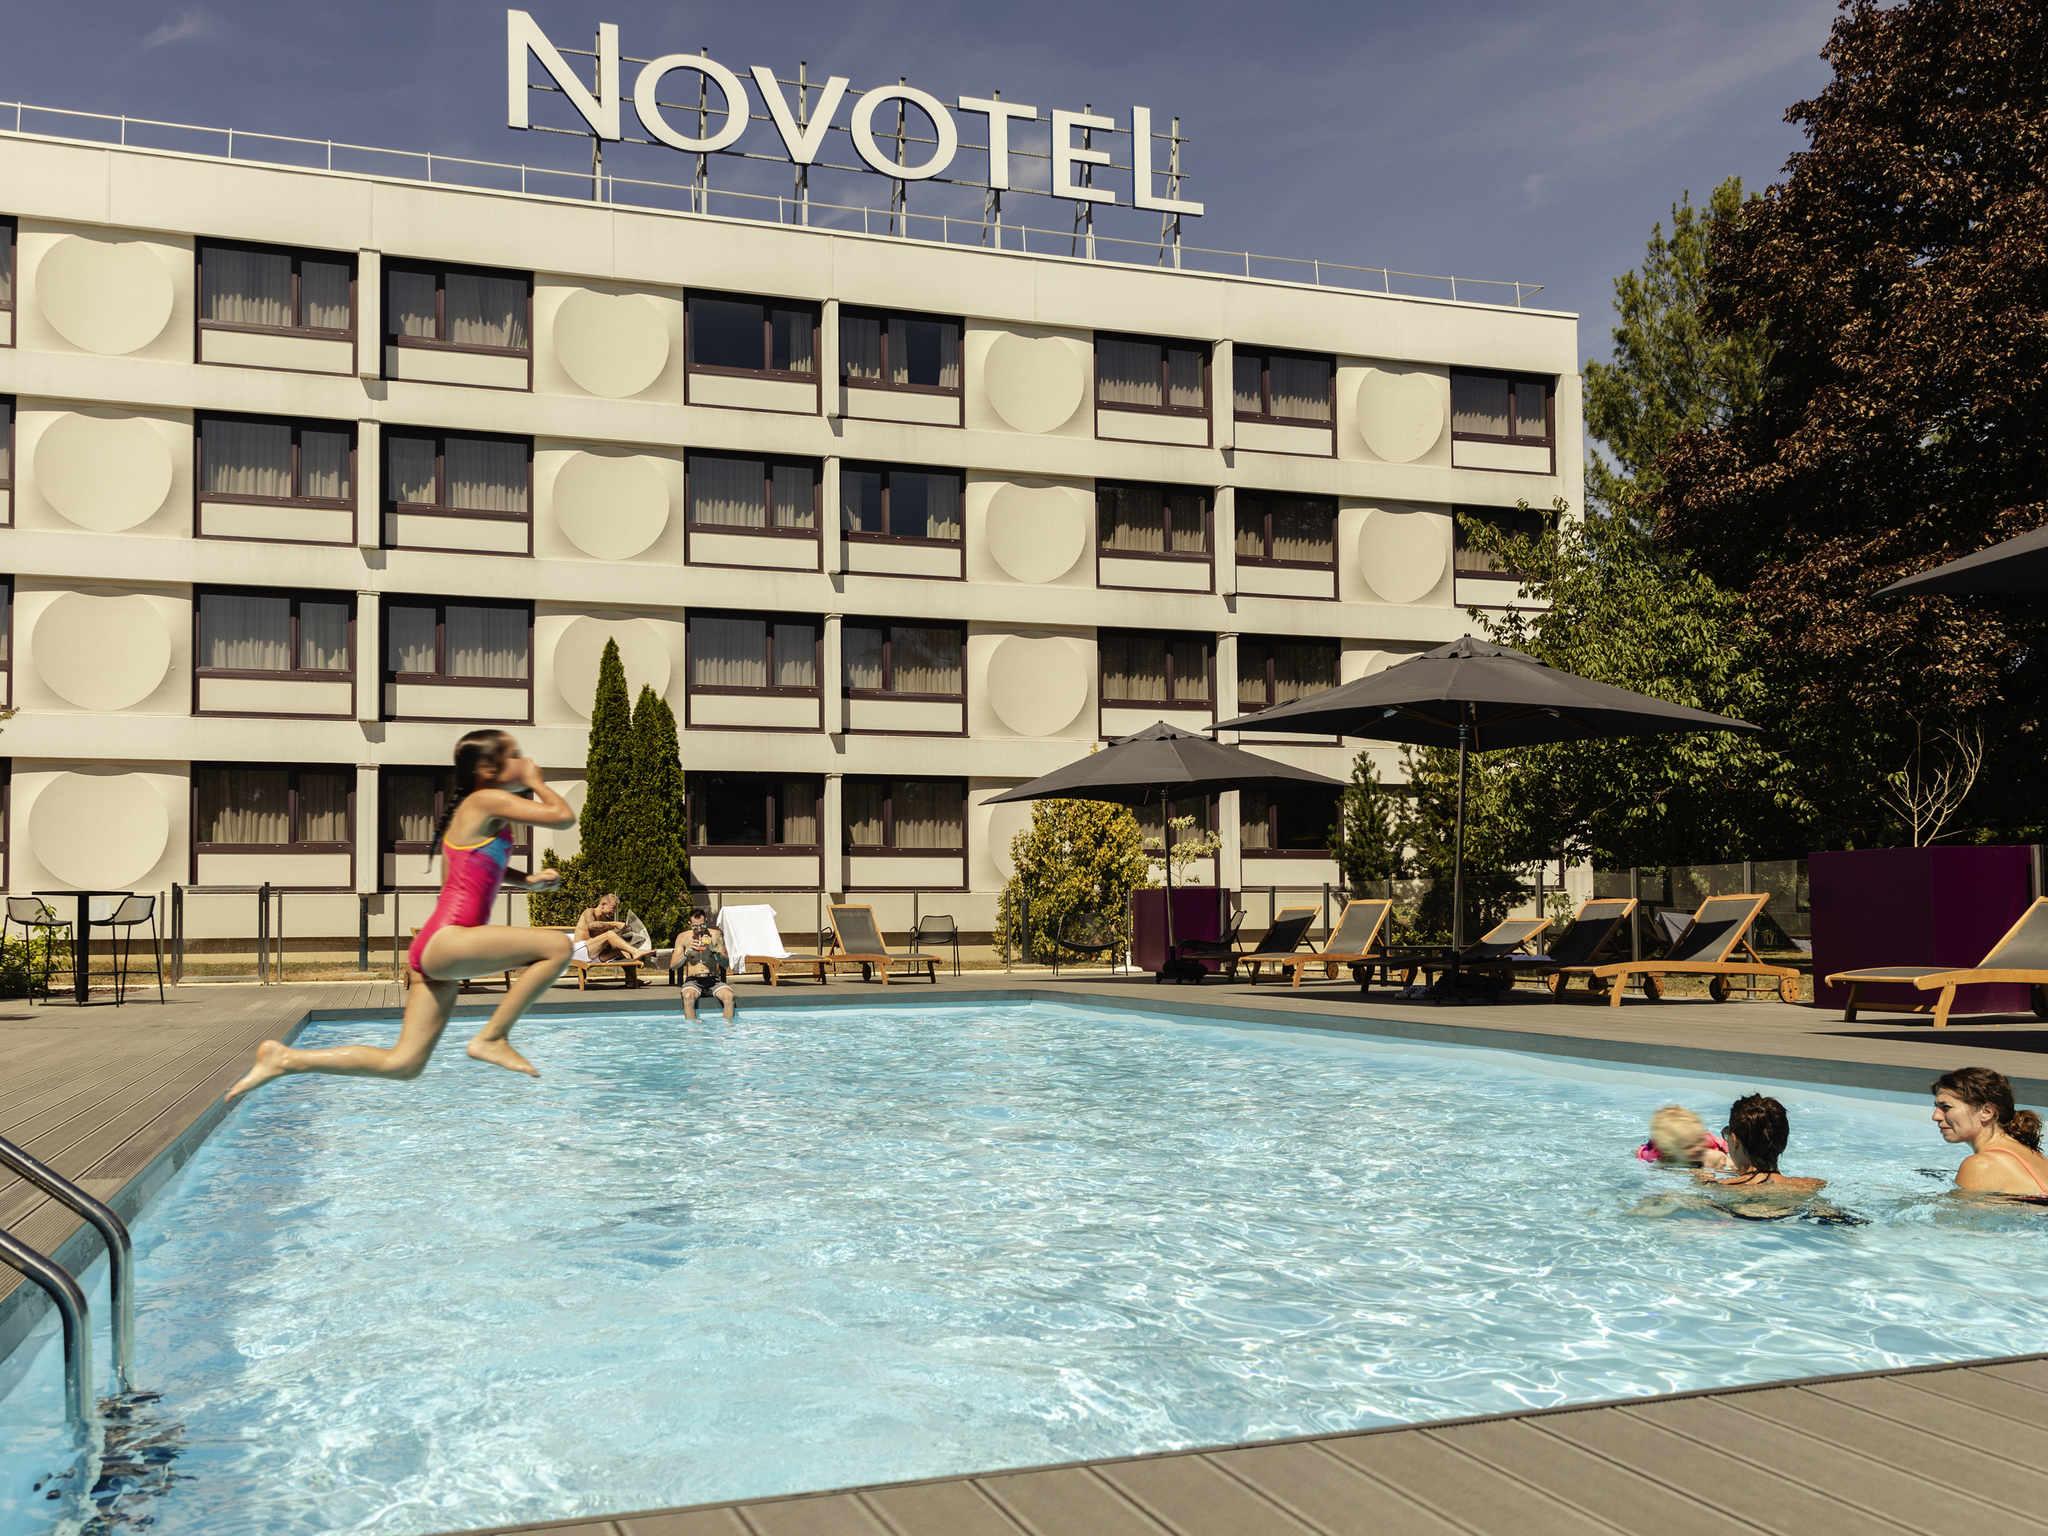 Hotell – Novotel Nancy